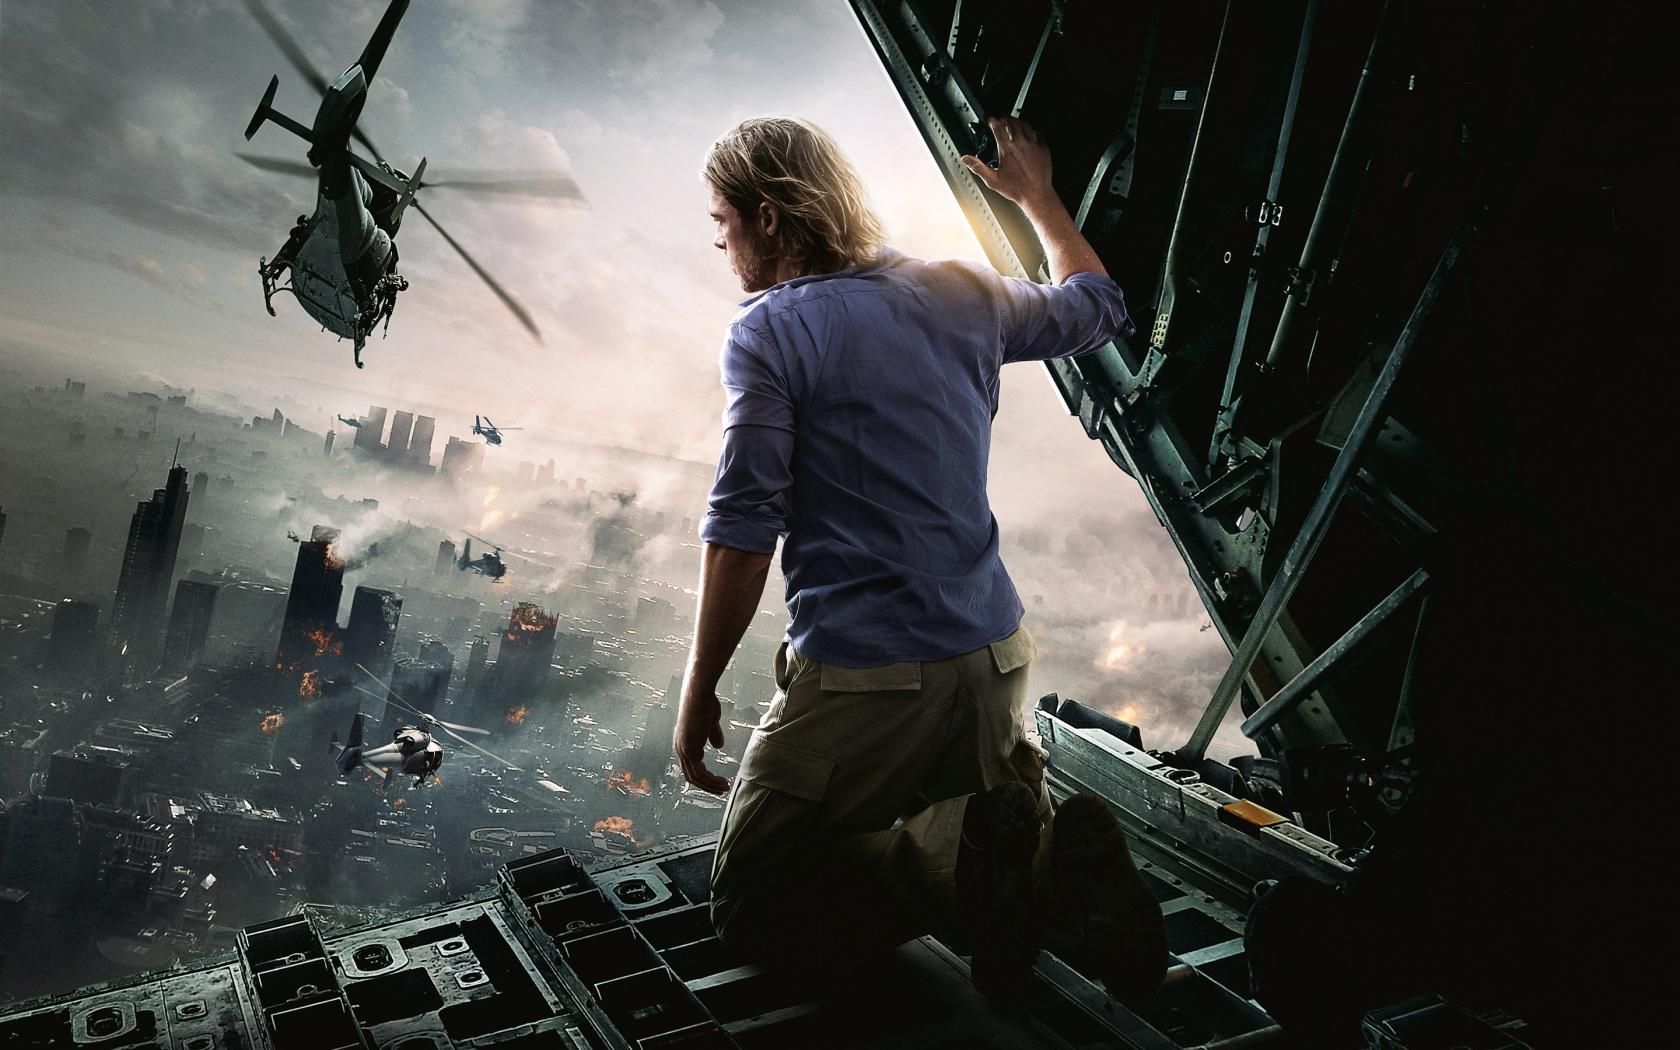 Brad Pitt World War Z Movie Wallpapers HD Wallpapers 1680x1050